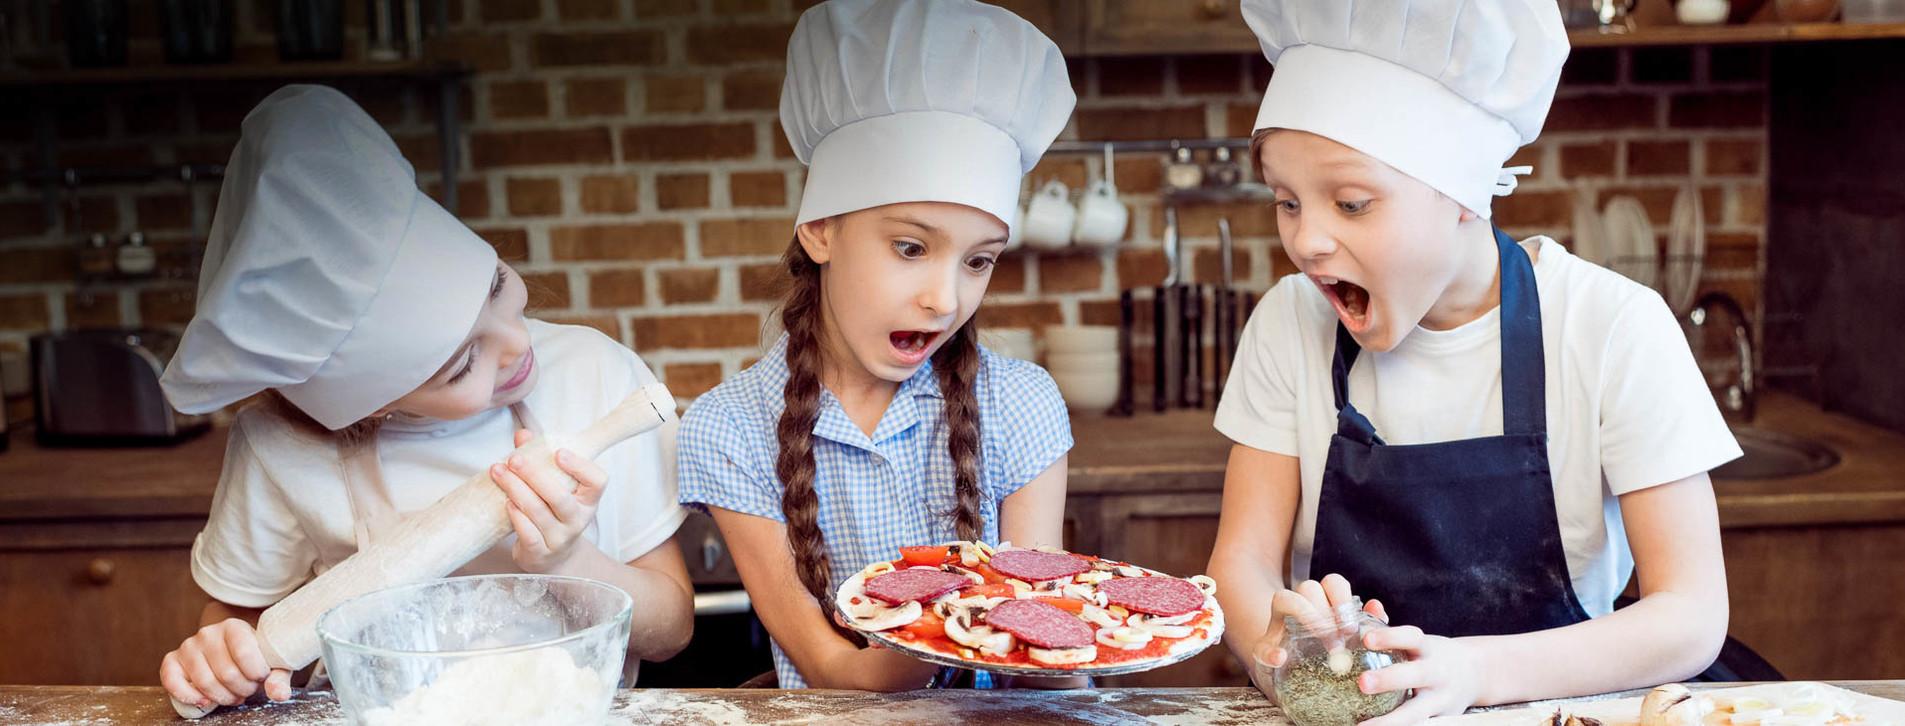 Фото - Детский мастер-класс пиццы для двоих